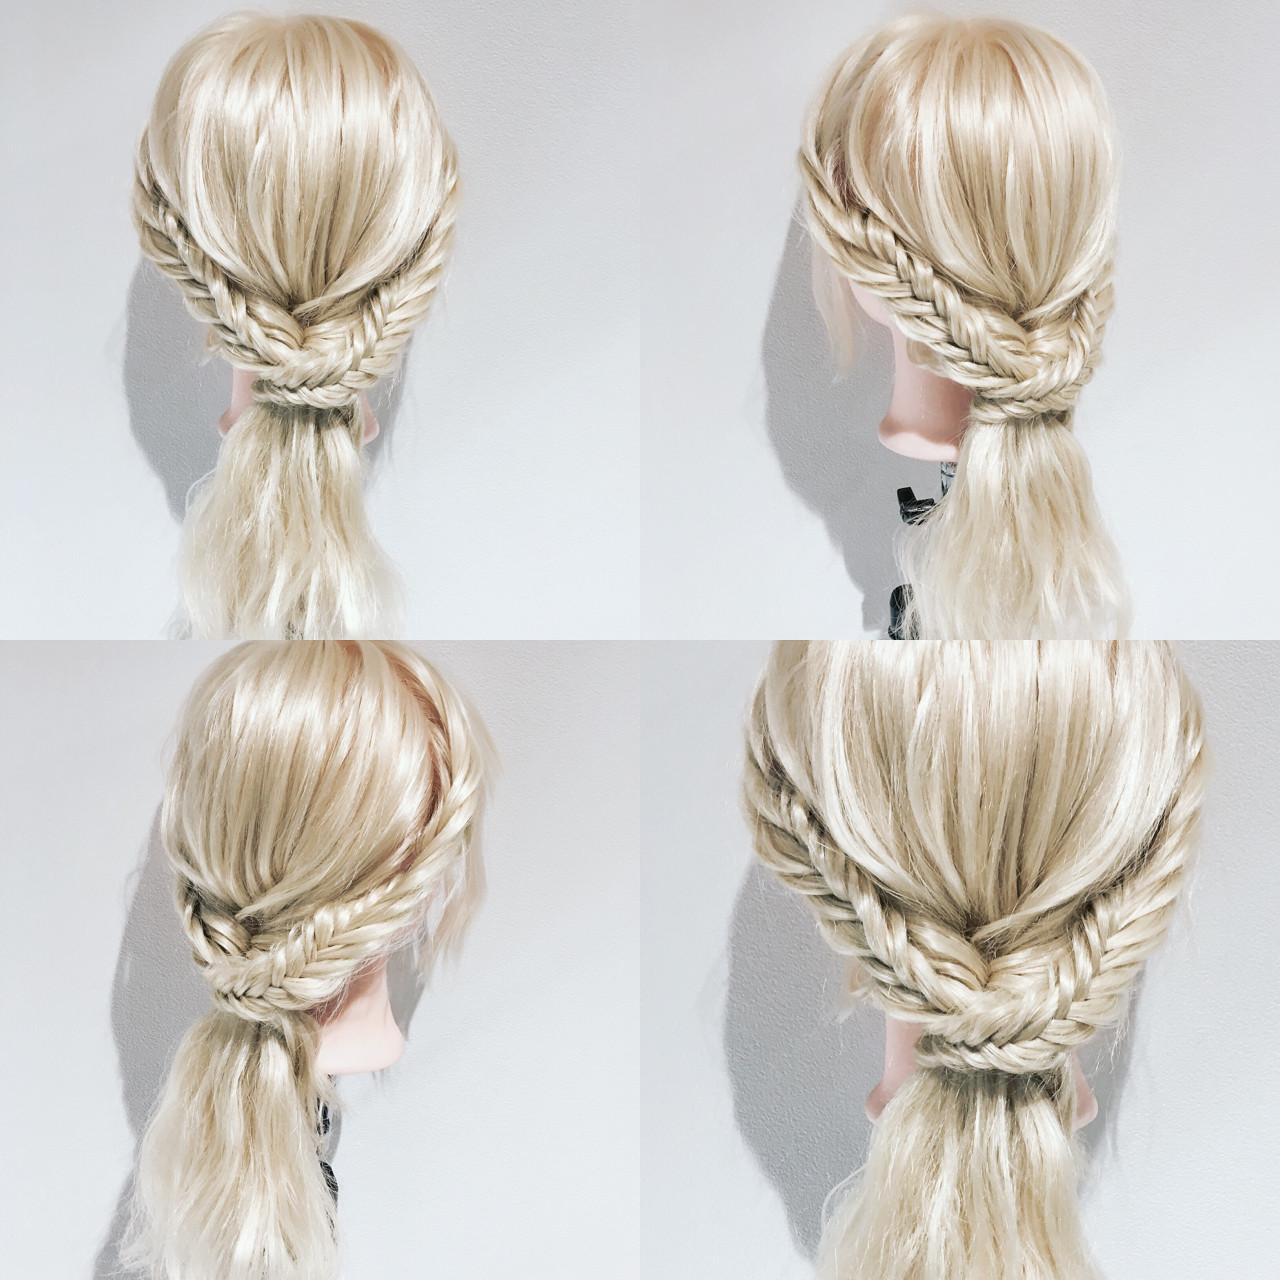 セミロング 上品 エレガント ショート ヘアスタイルや髪型の写真・画像